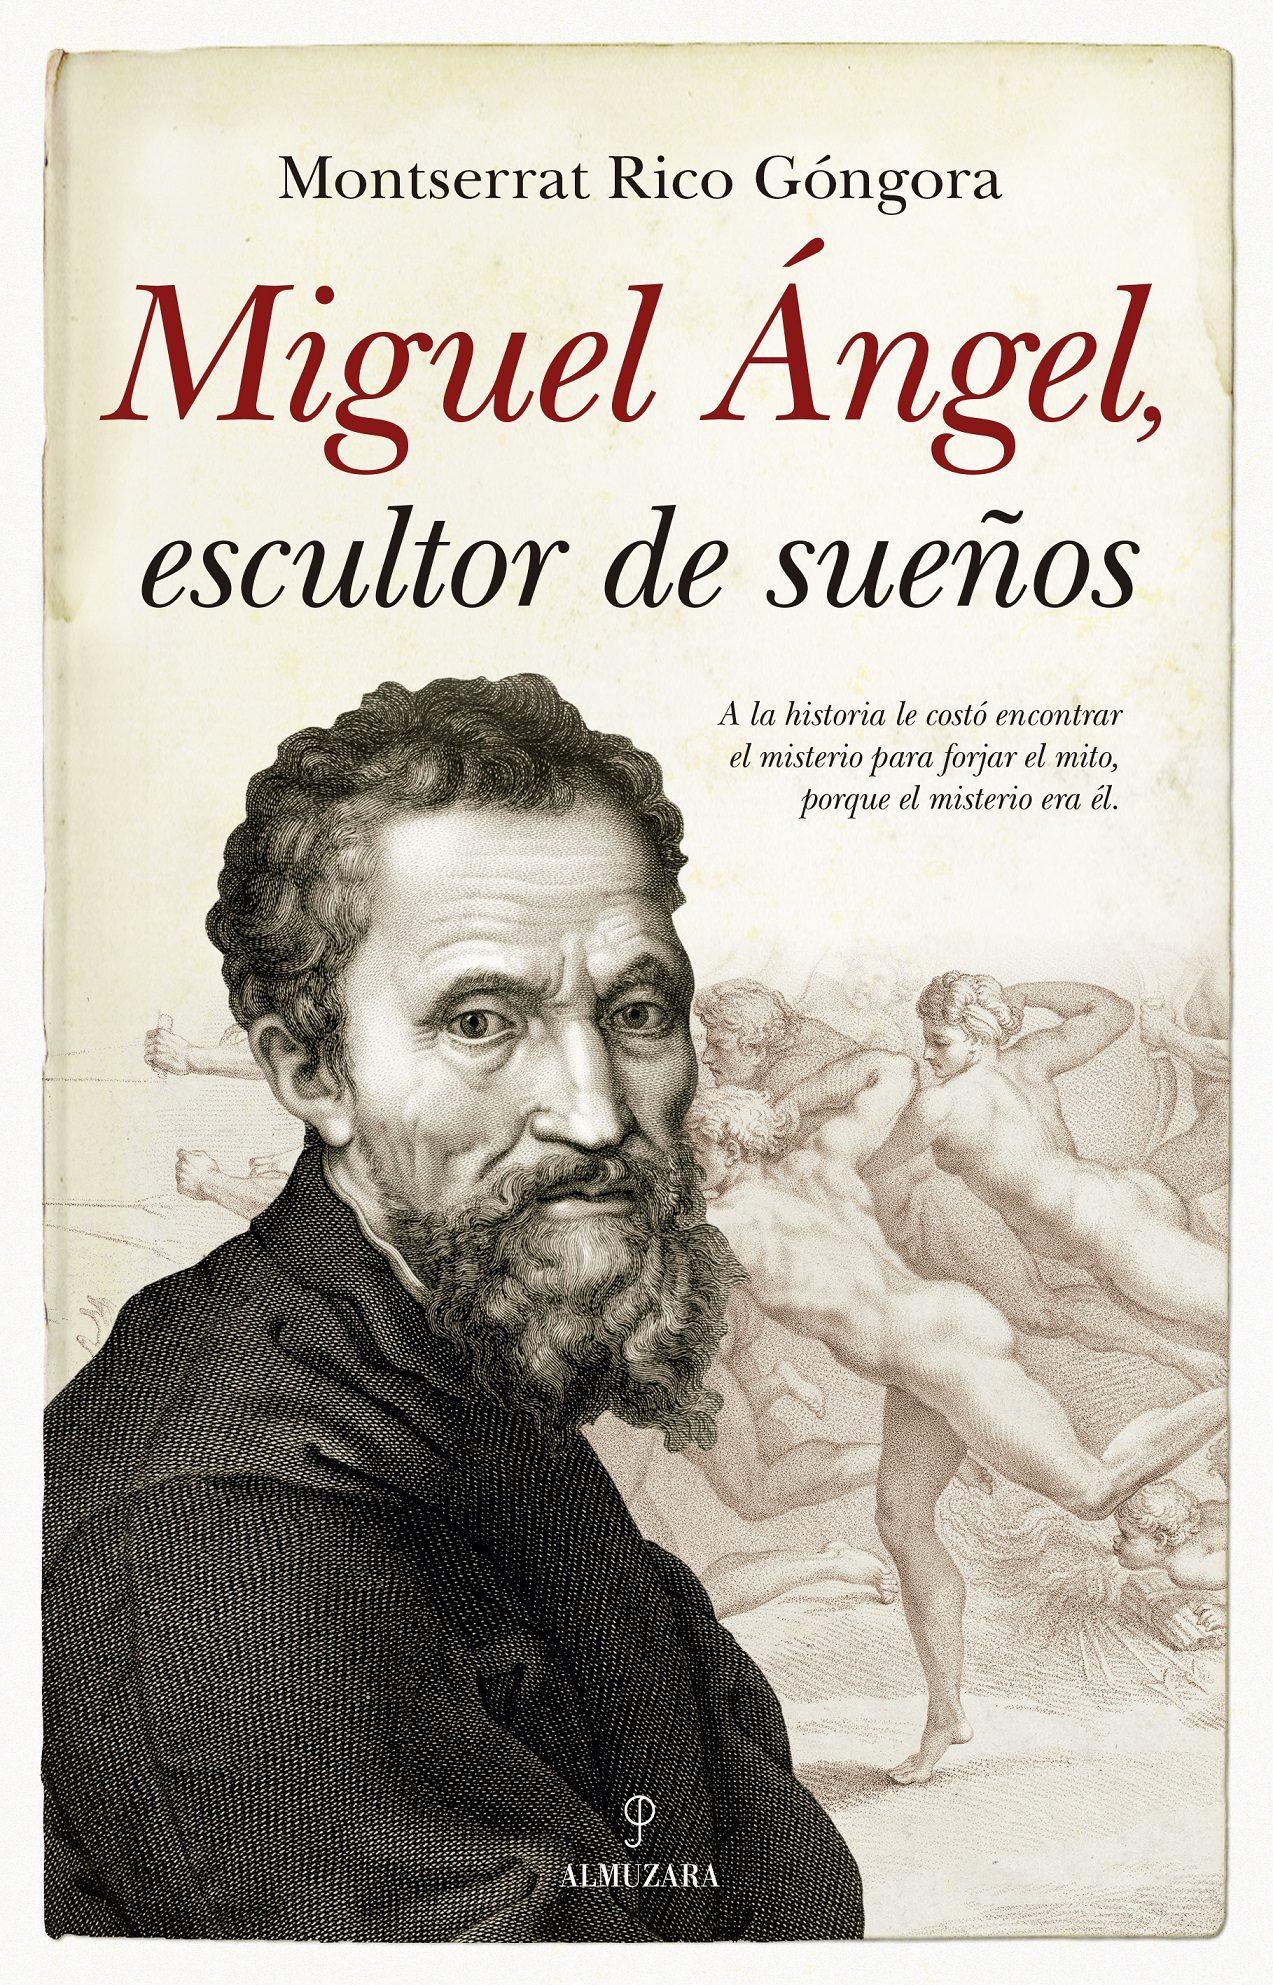 miguel angel, escultor de sueños-montserrat rico gongora-9788417558857